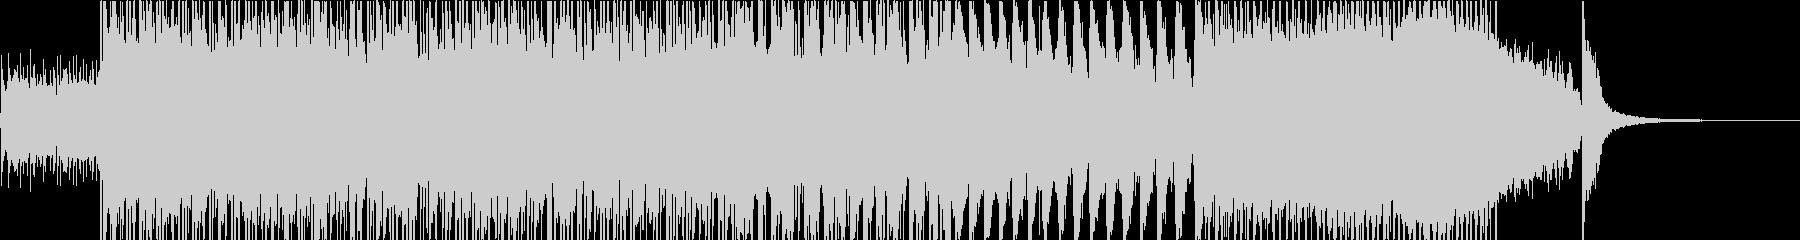 ヤングサウンズのエンディングテーマの未再生の波形